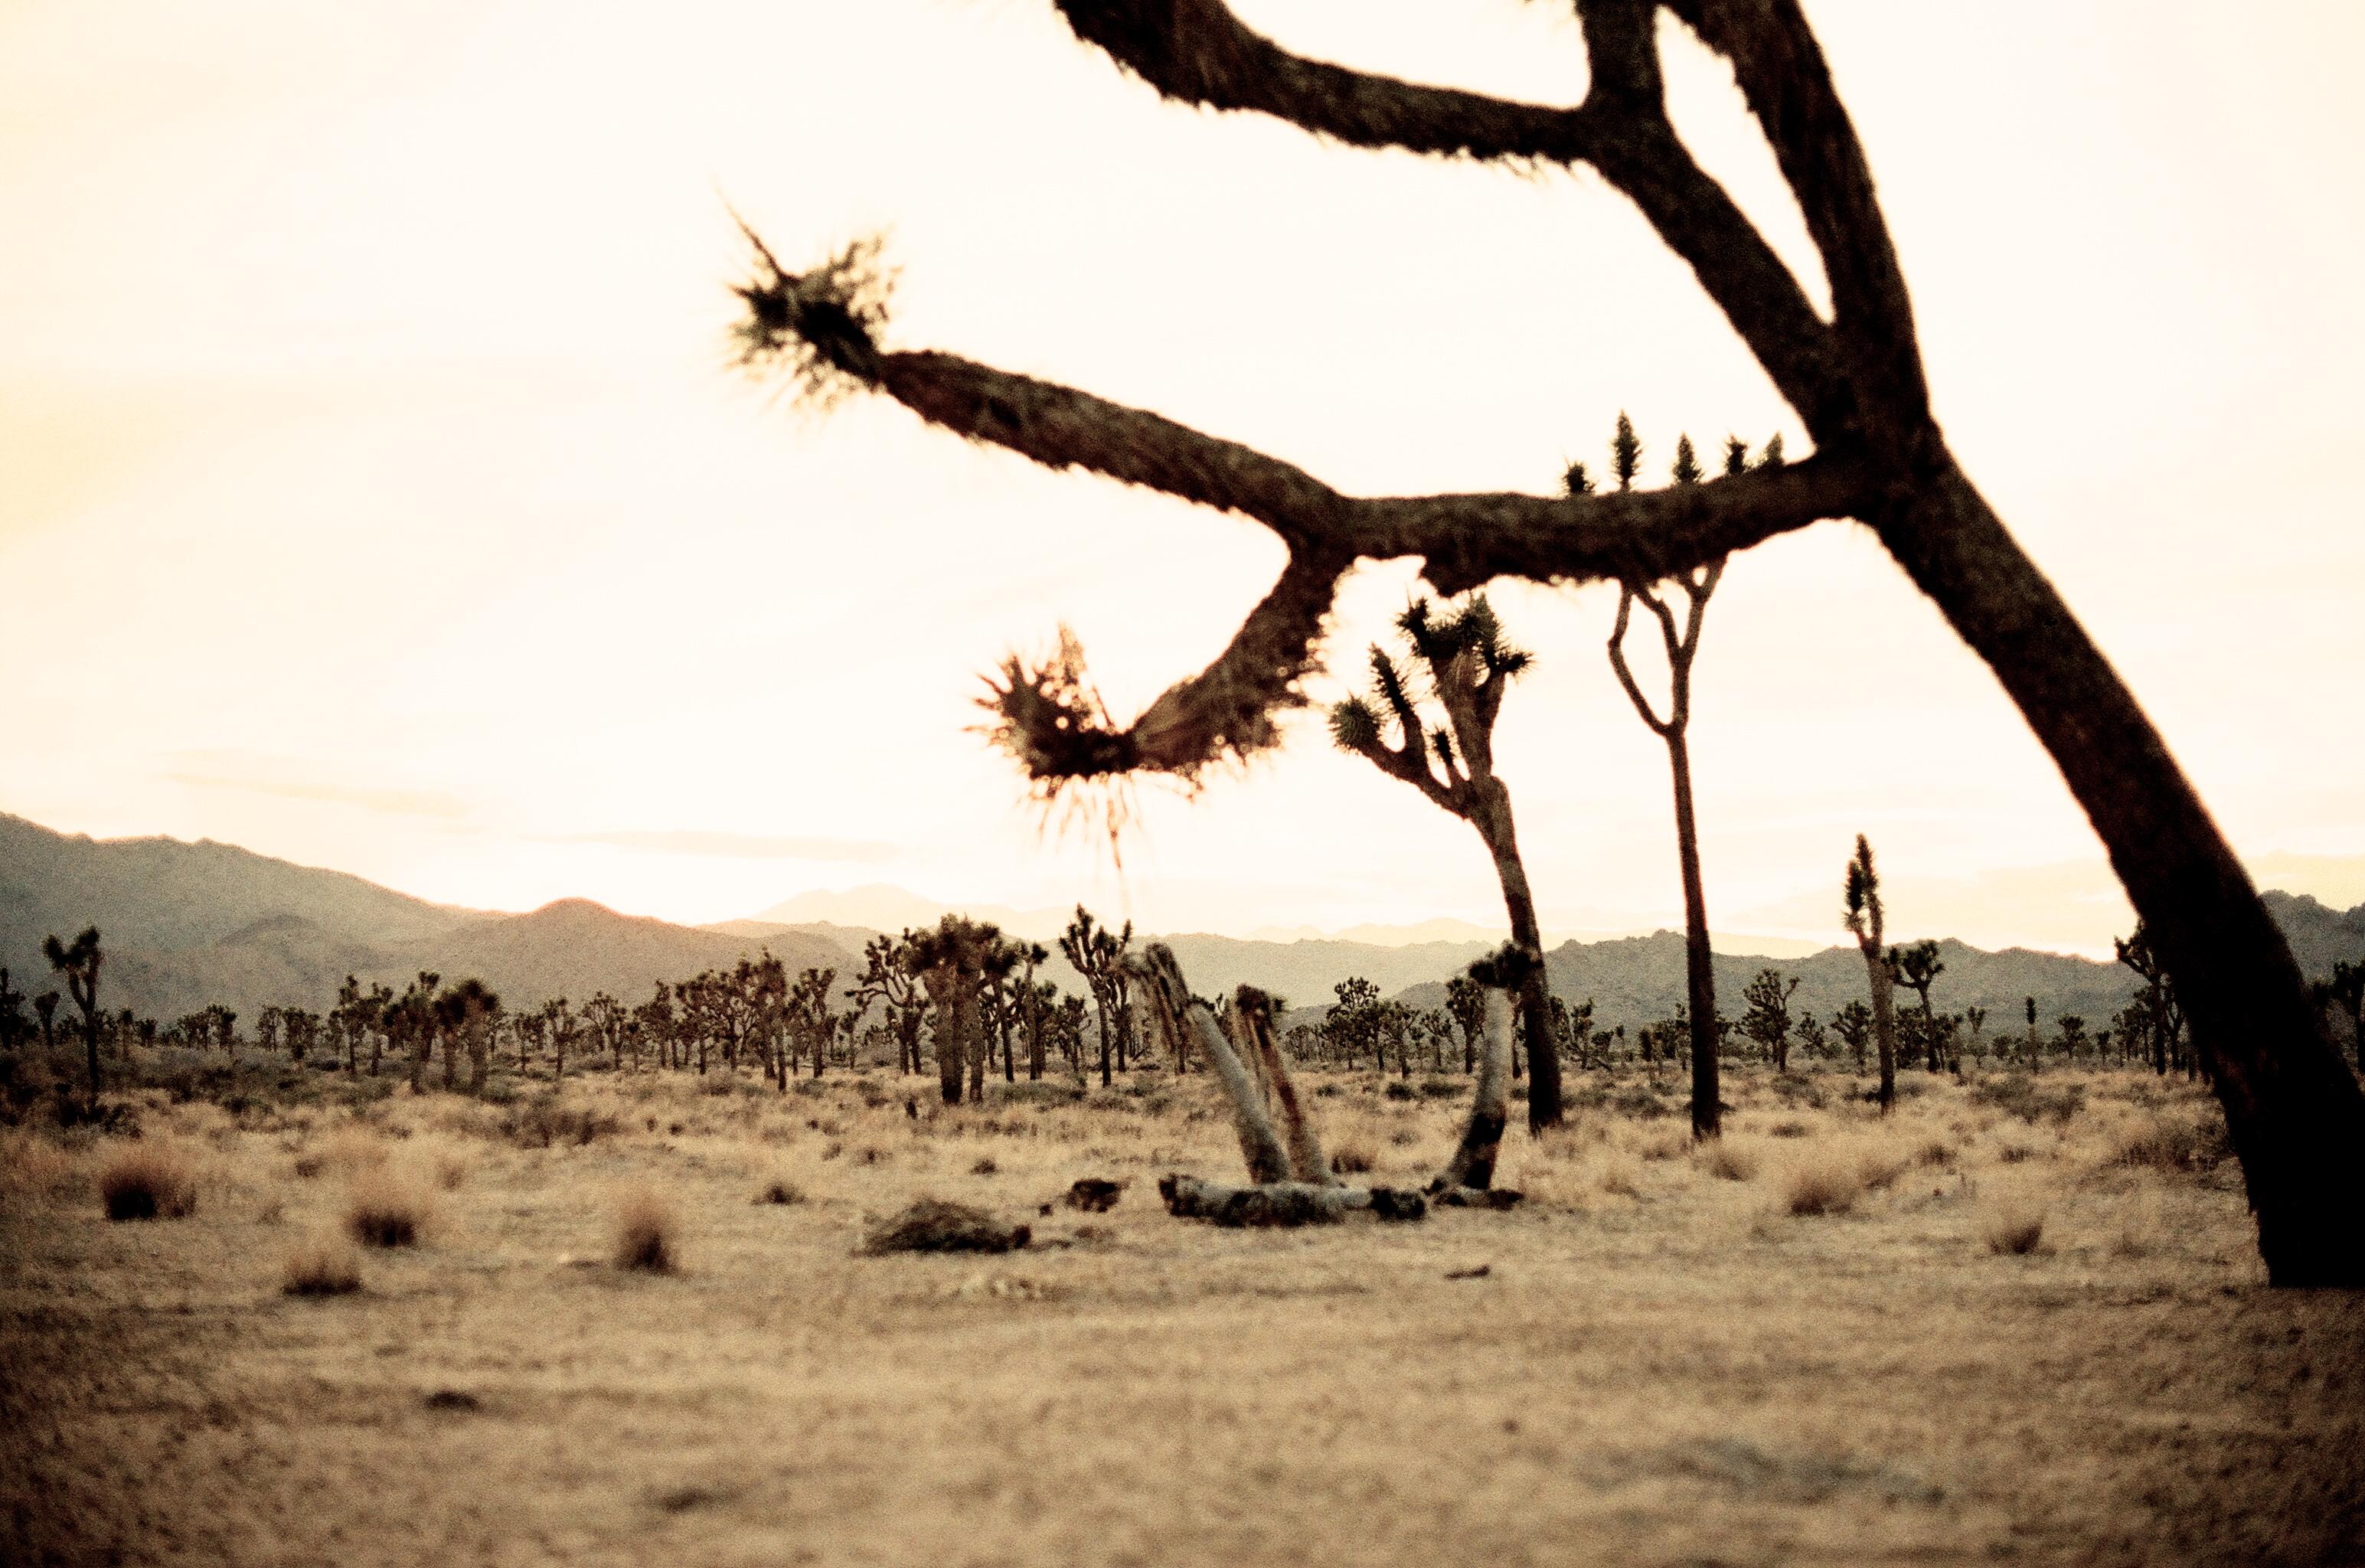 35mm film capture